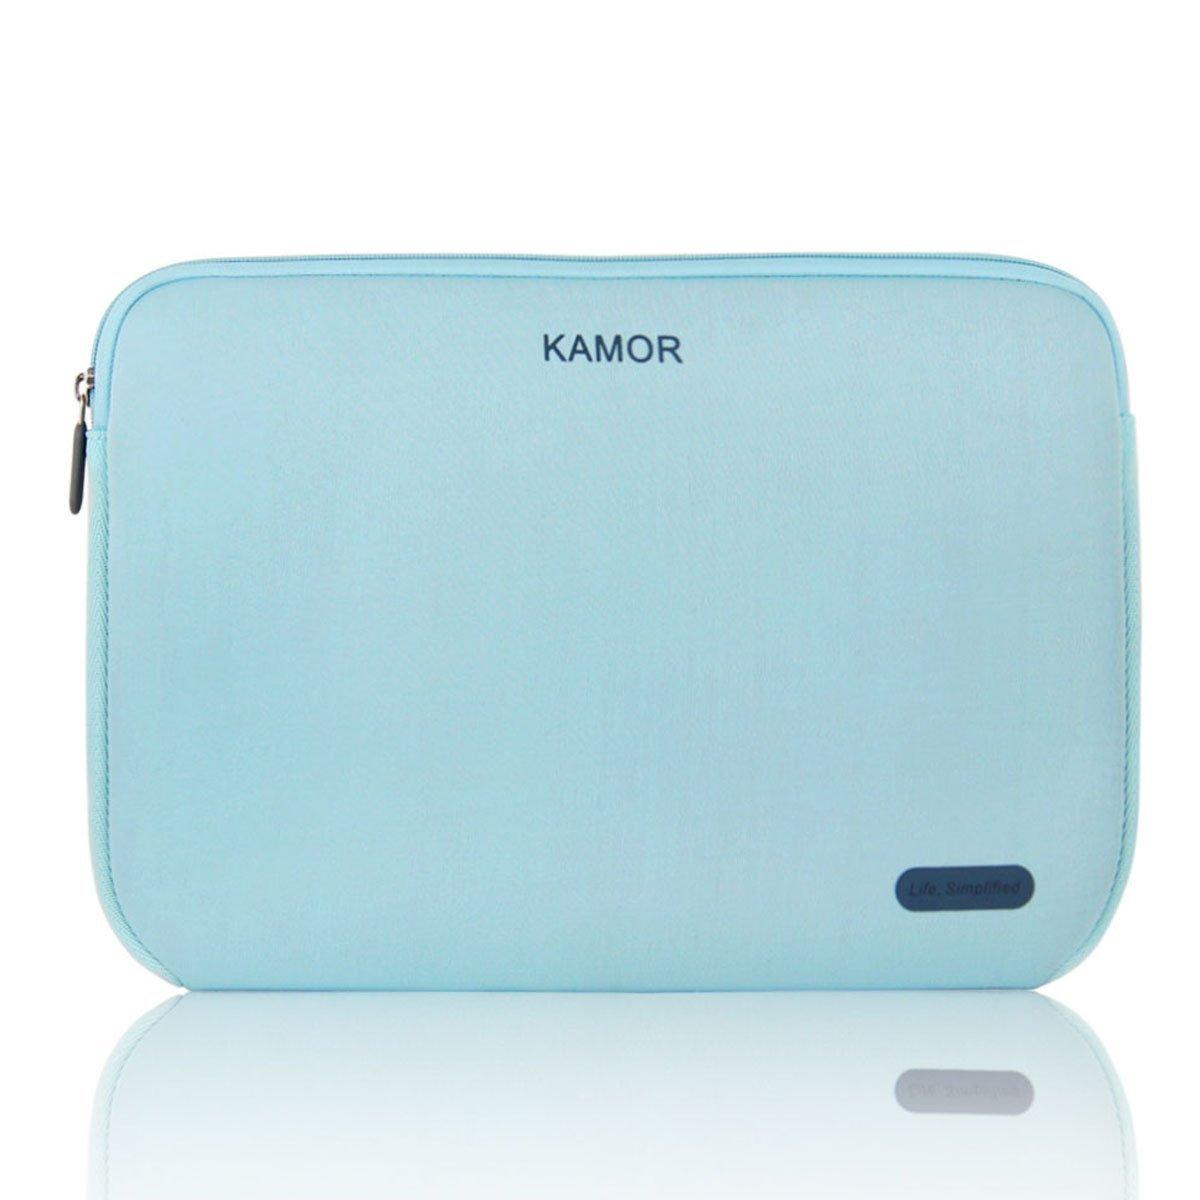 28867ddb70f7 Buy Kamor 13 13.3 14 inch Water-resistant Neoprene Laptop Sleeve ...